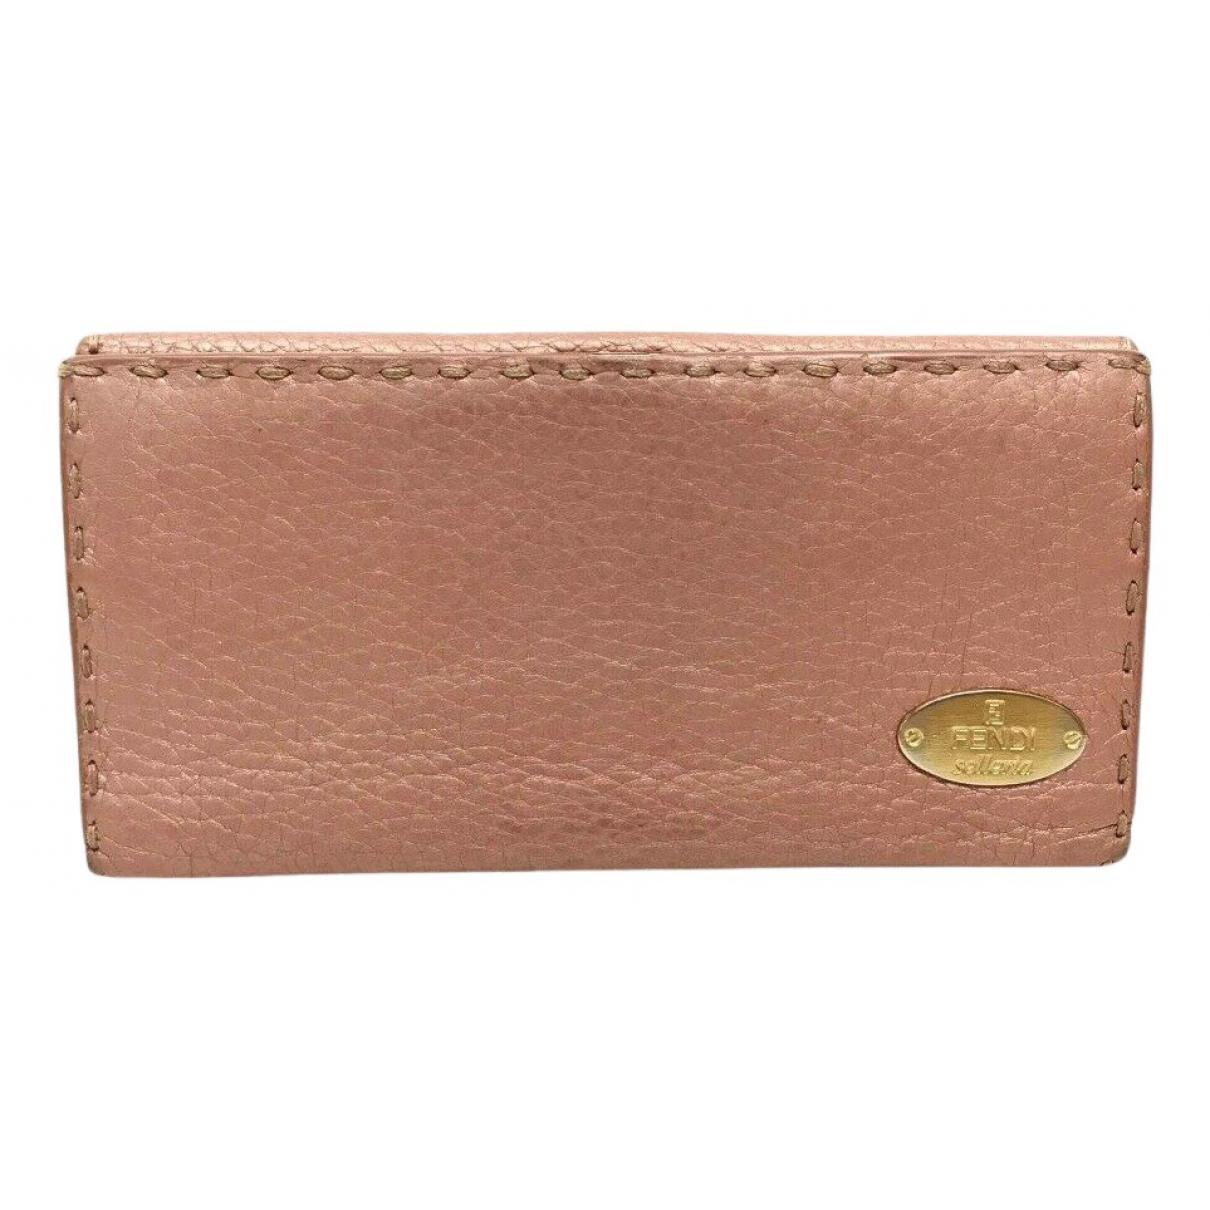 Fendi N Leather wallet for Women N